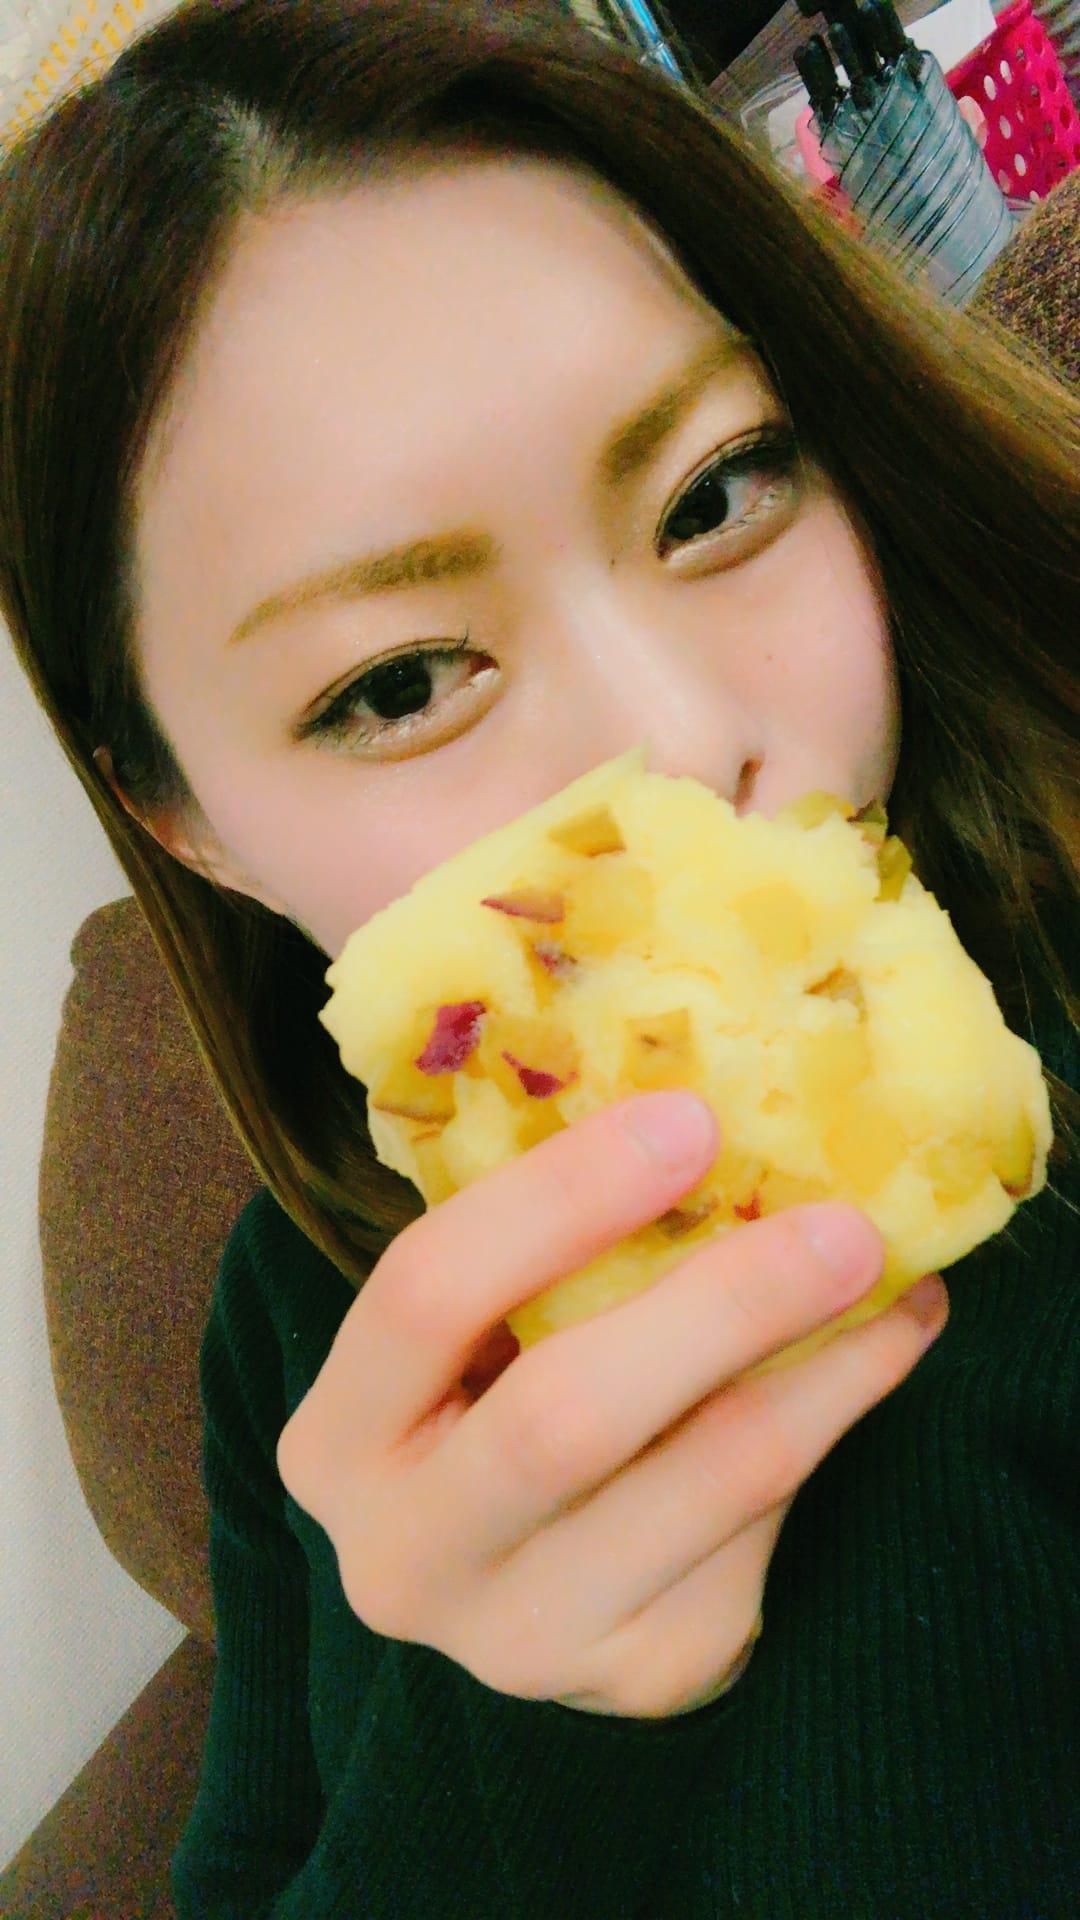 「ごはんたべてる」02/26(02/26) 23:58   はづきの写メ・風俗動画